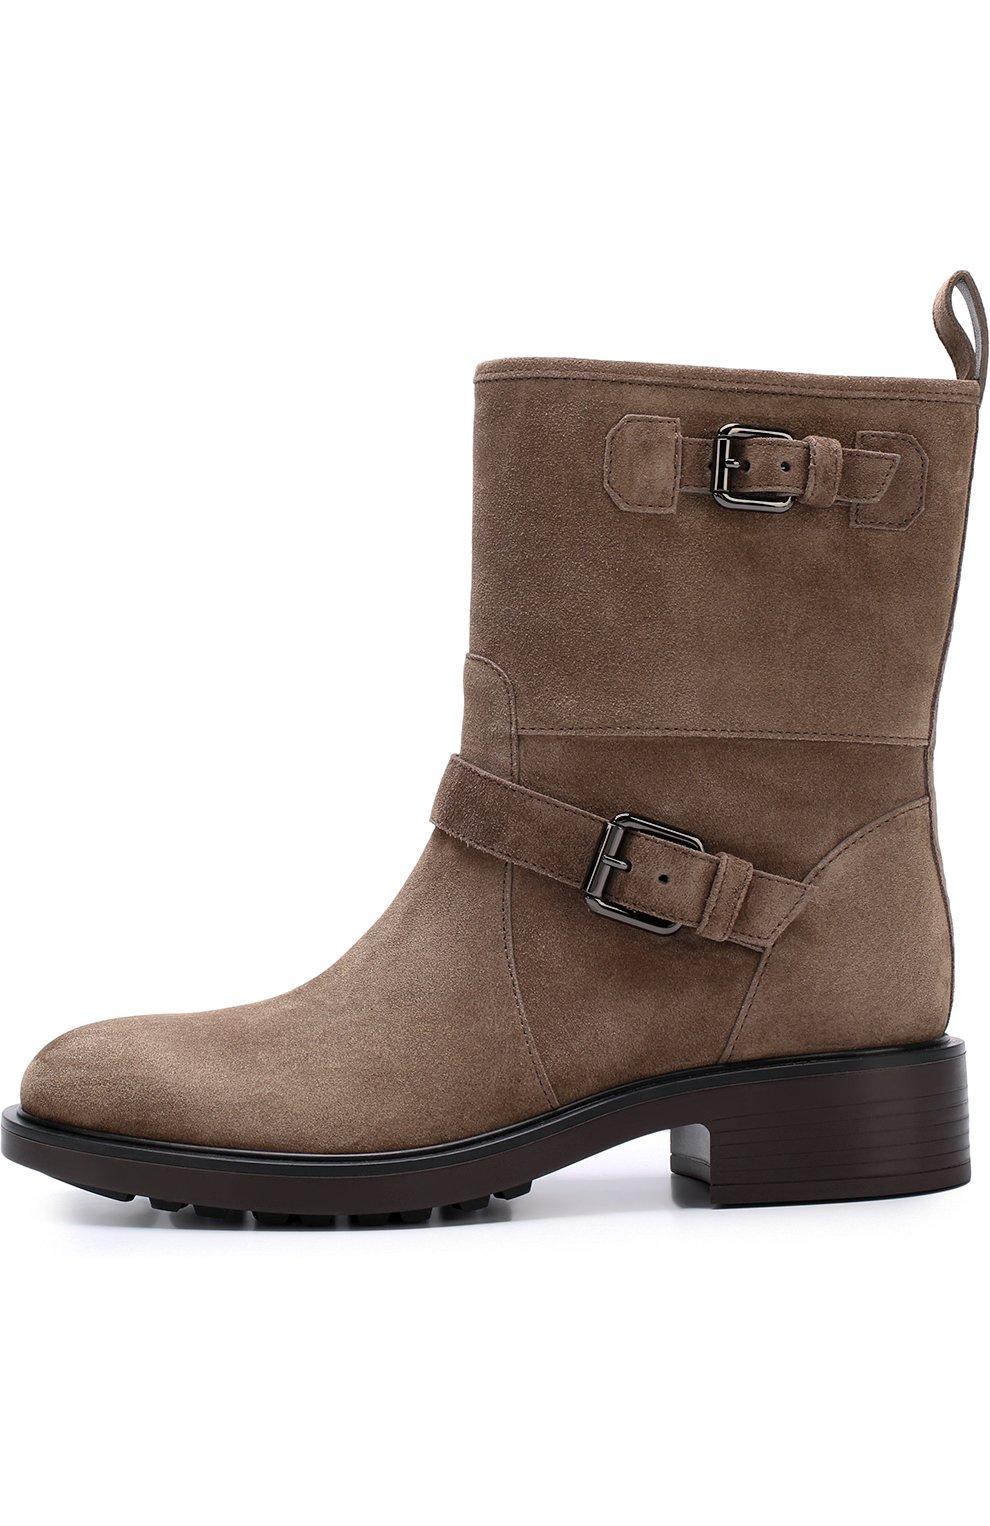 Замшевые ботинки с ремешками Hogan коричневые | Фото №3